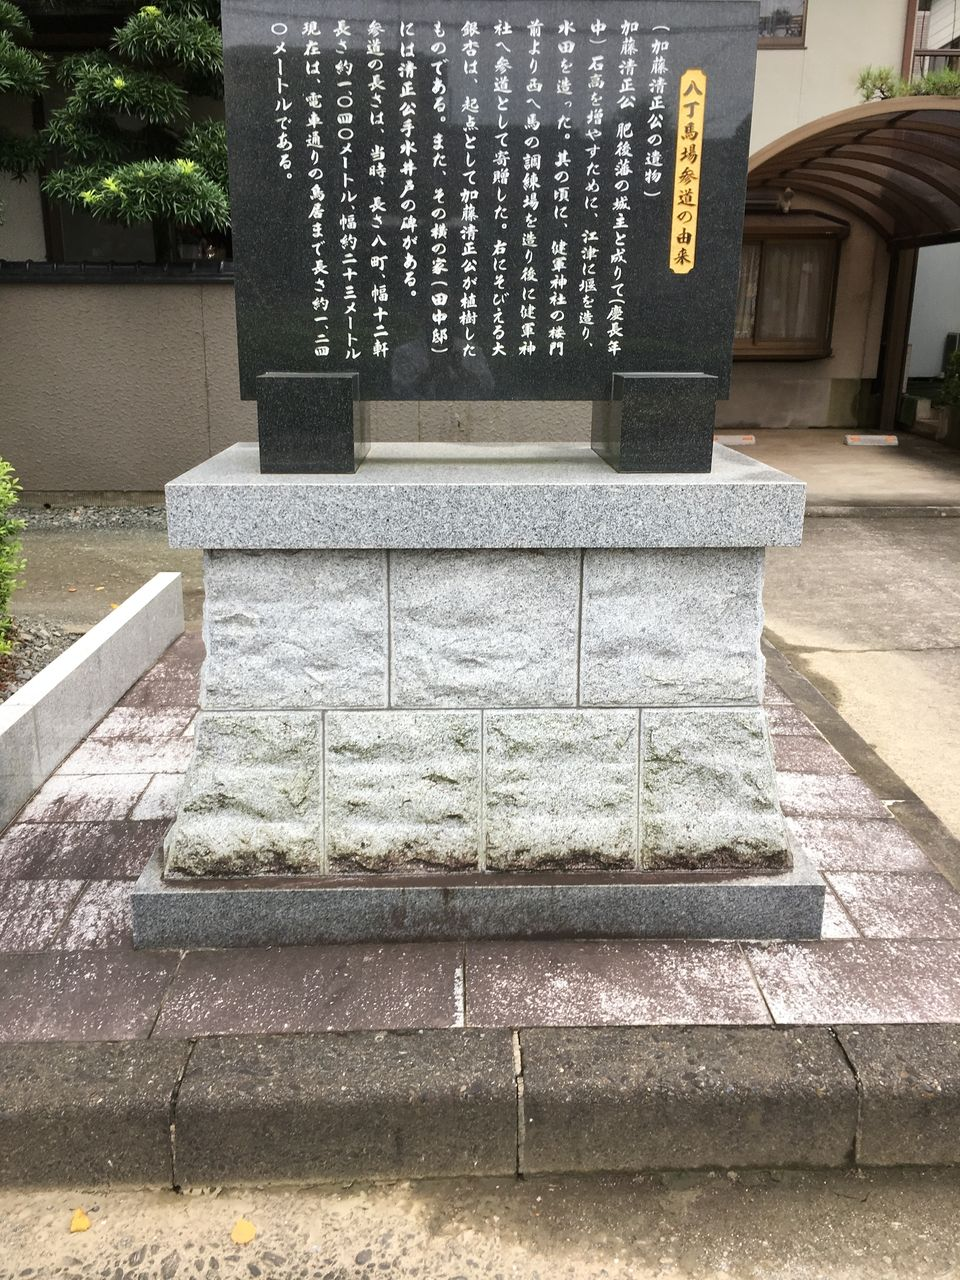 ハ丁馬場参道の由来の記念碑